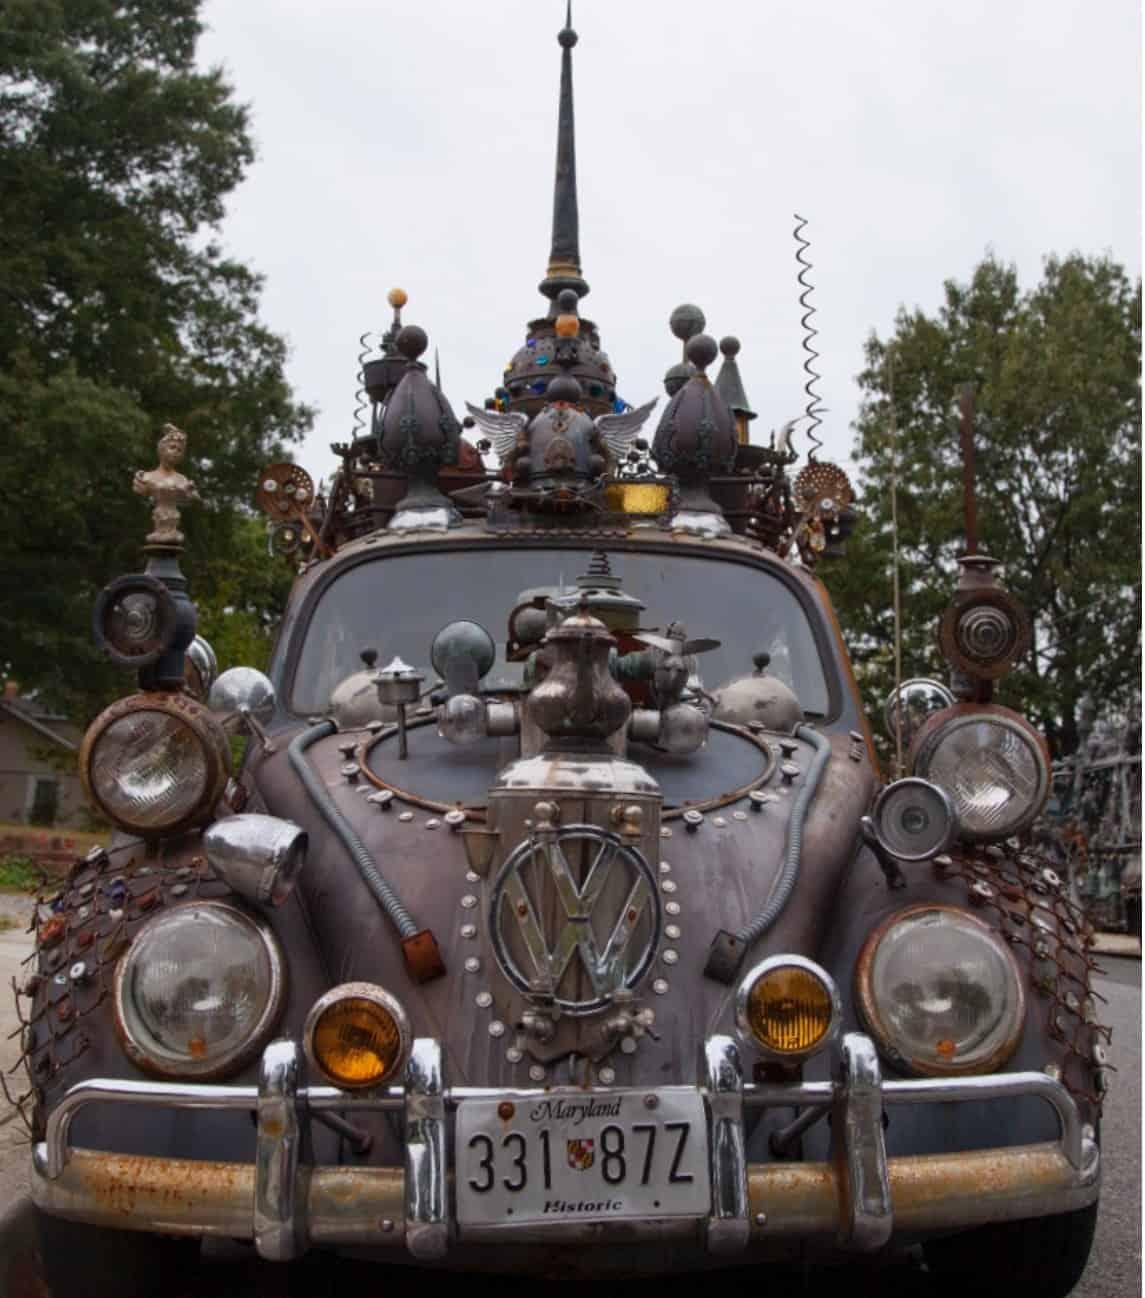 Art car, Volkswagen beetle covered in pieces of metal